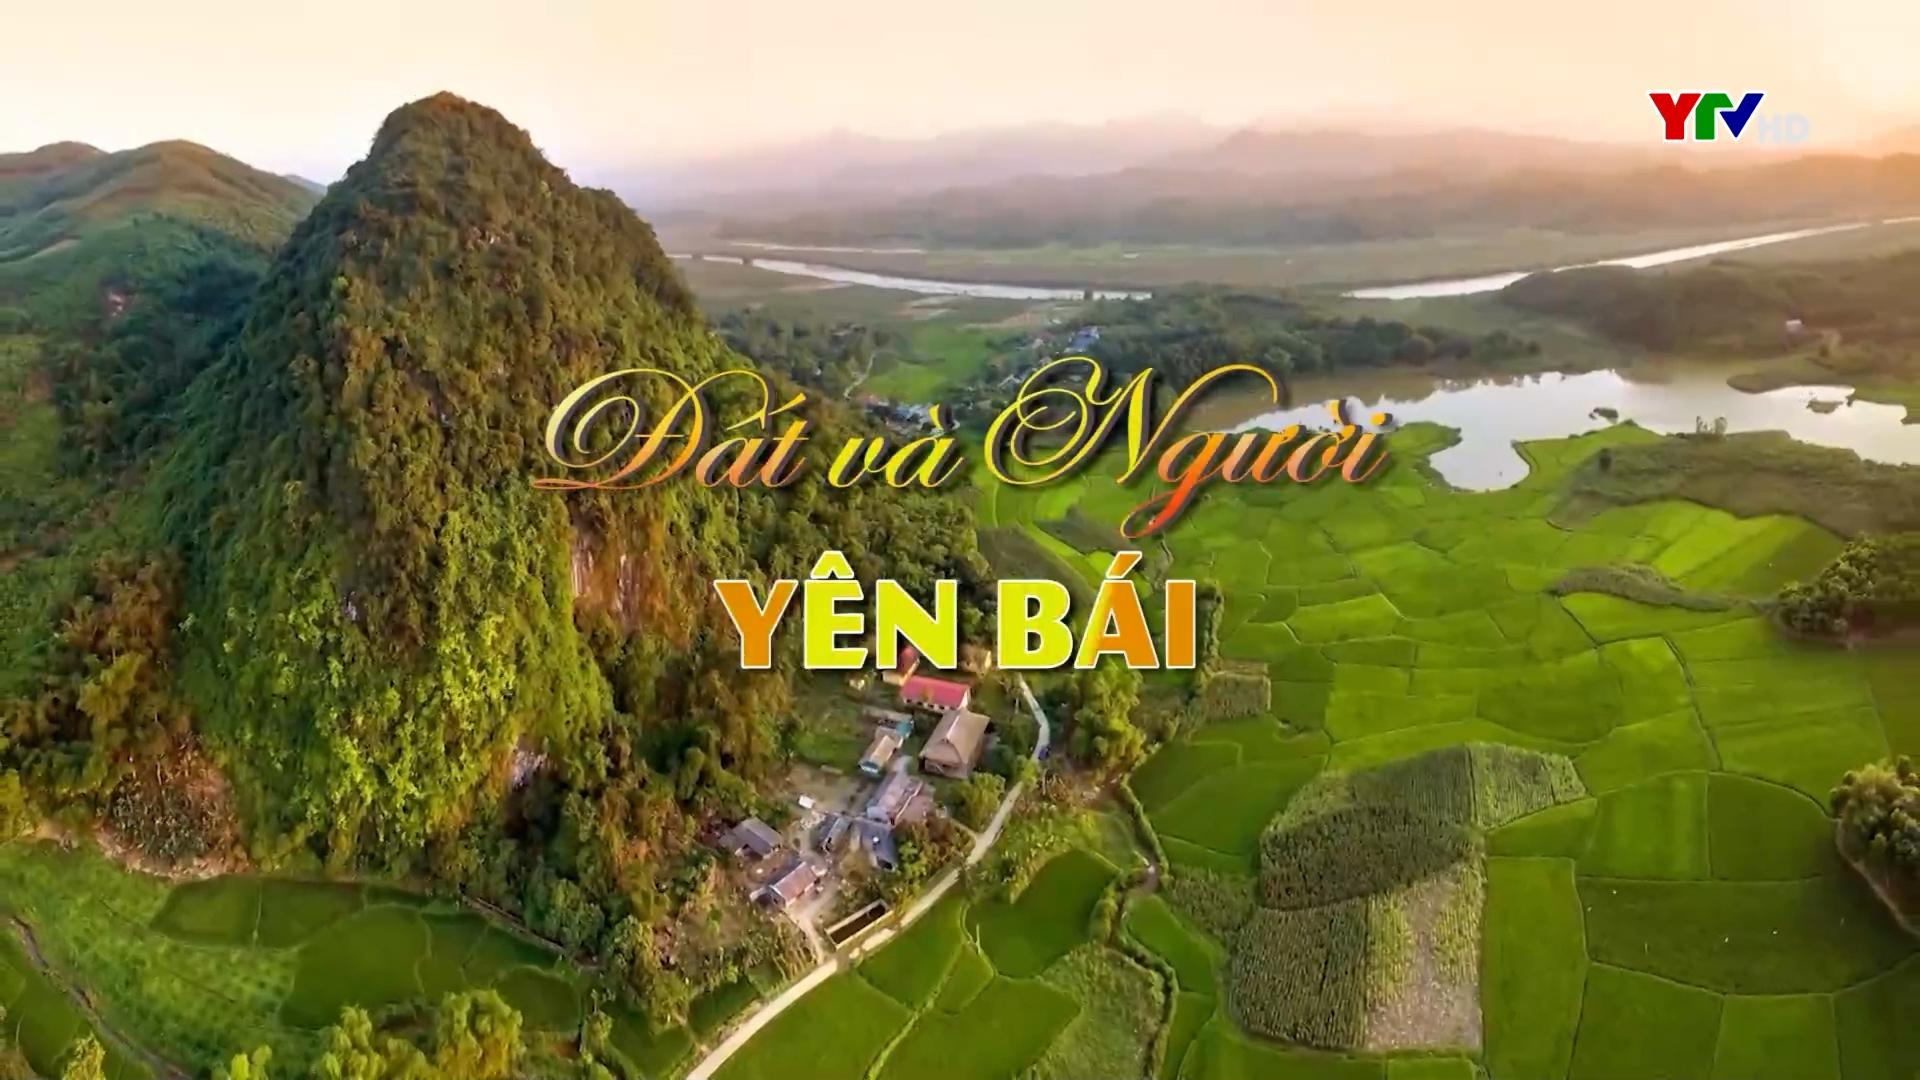 Hạnh Sơn gìn giữ và phát huy văn hóa truyền thống